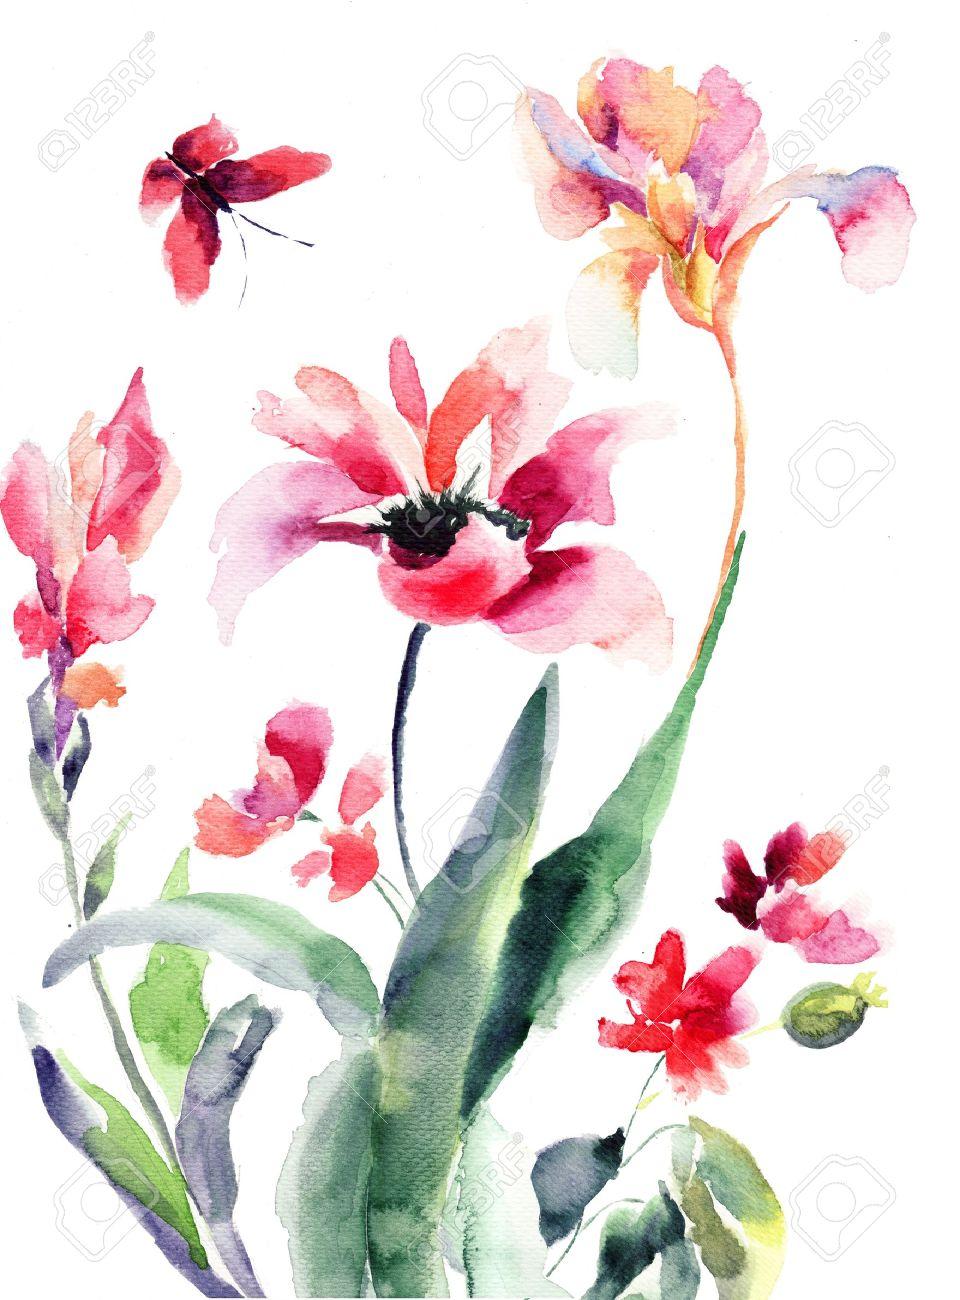 Fleurs Stylisées fleurs stylisées, illustration aquarelle banque d'images et photos